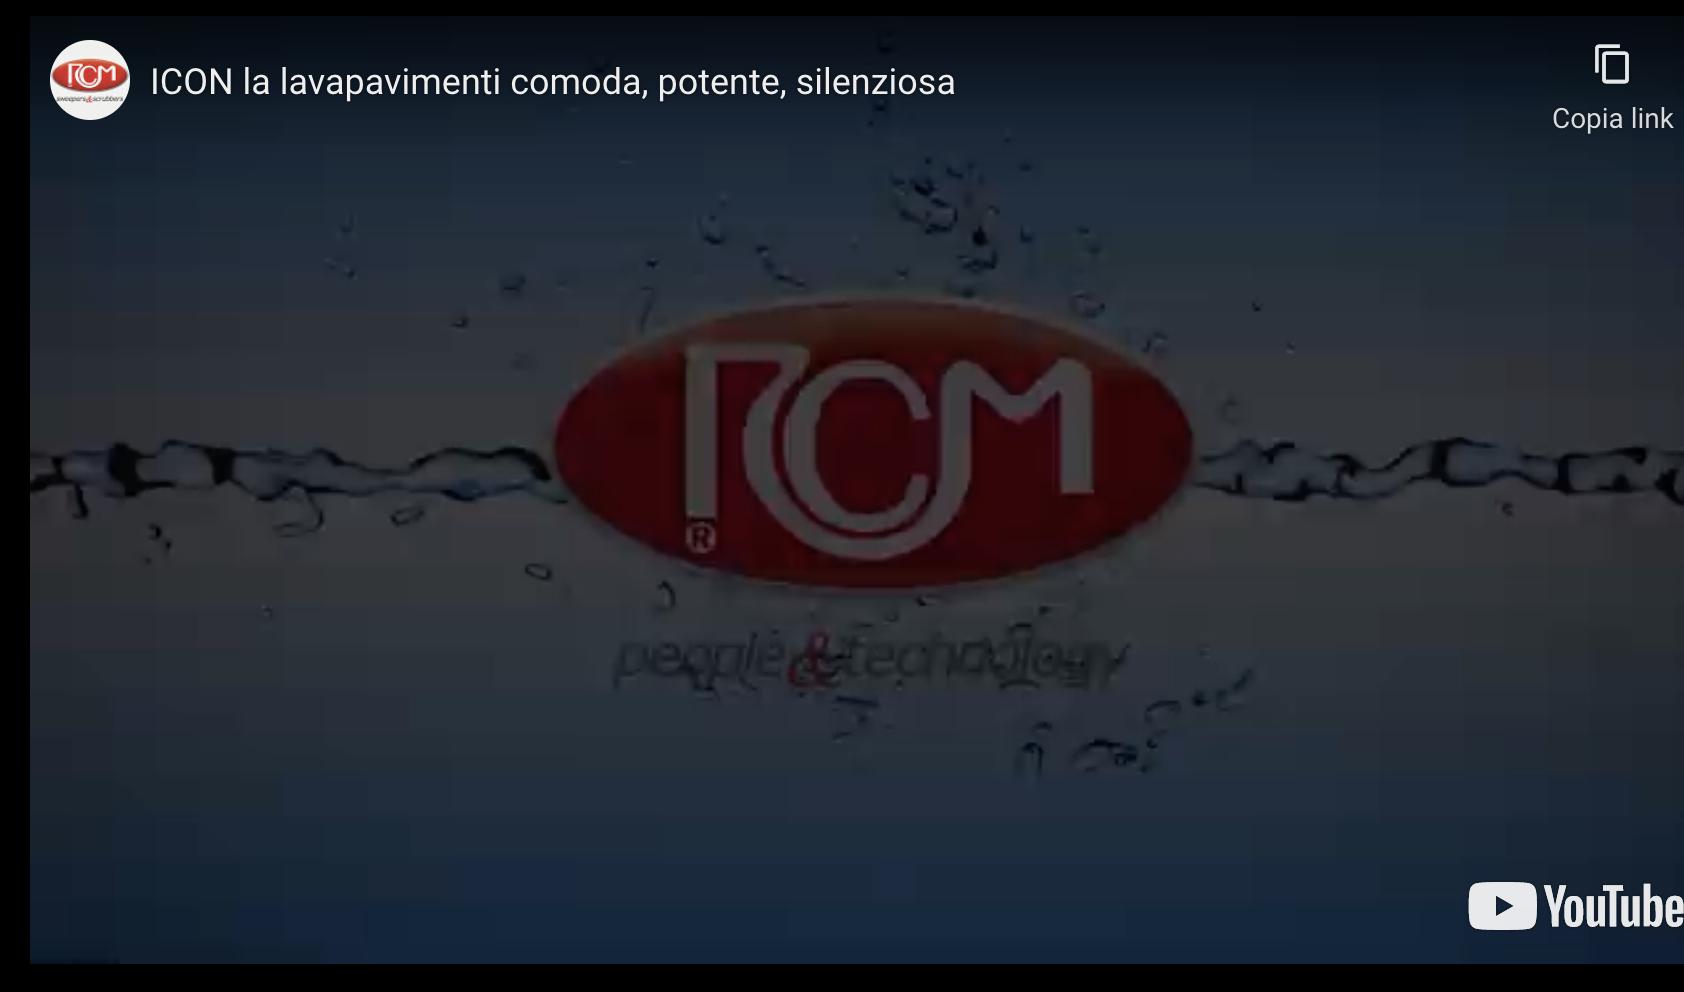 RCM Lavapavimenti e motoscope a Verona, a Mantova, a Trento